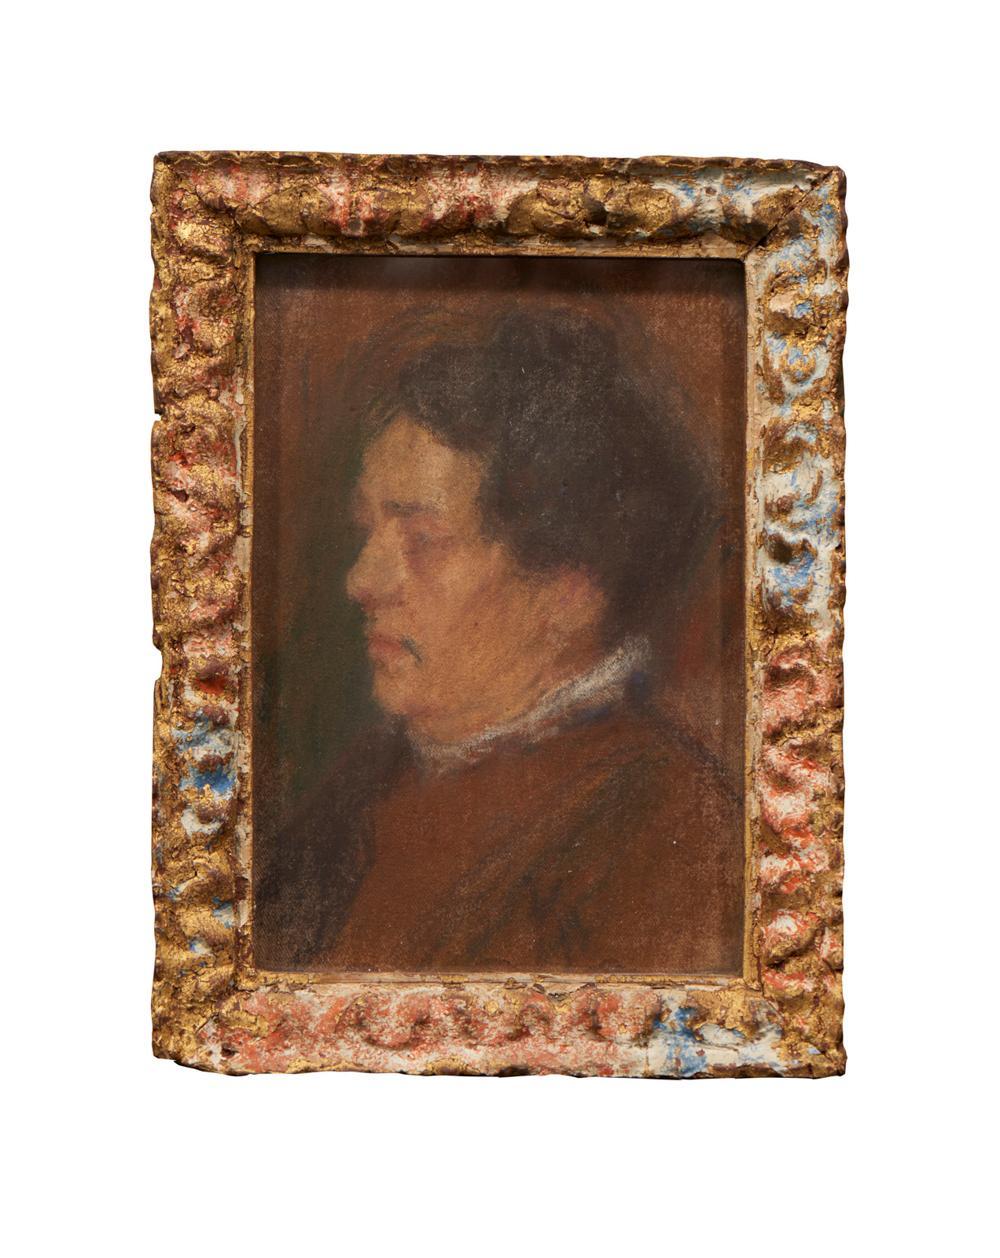 Perfil de figura, Pastel sobre tela, 19 x 13,5 cm.